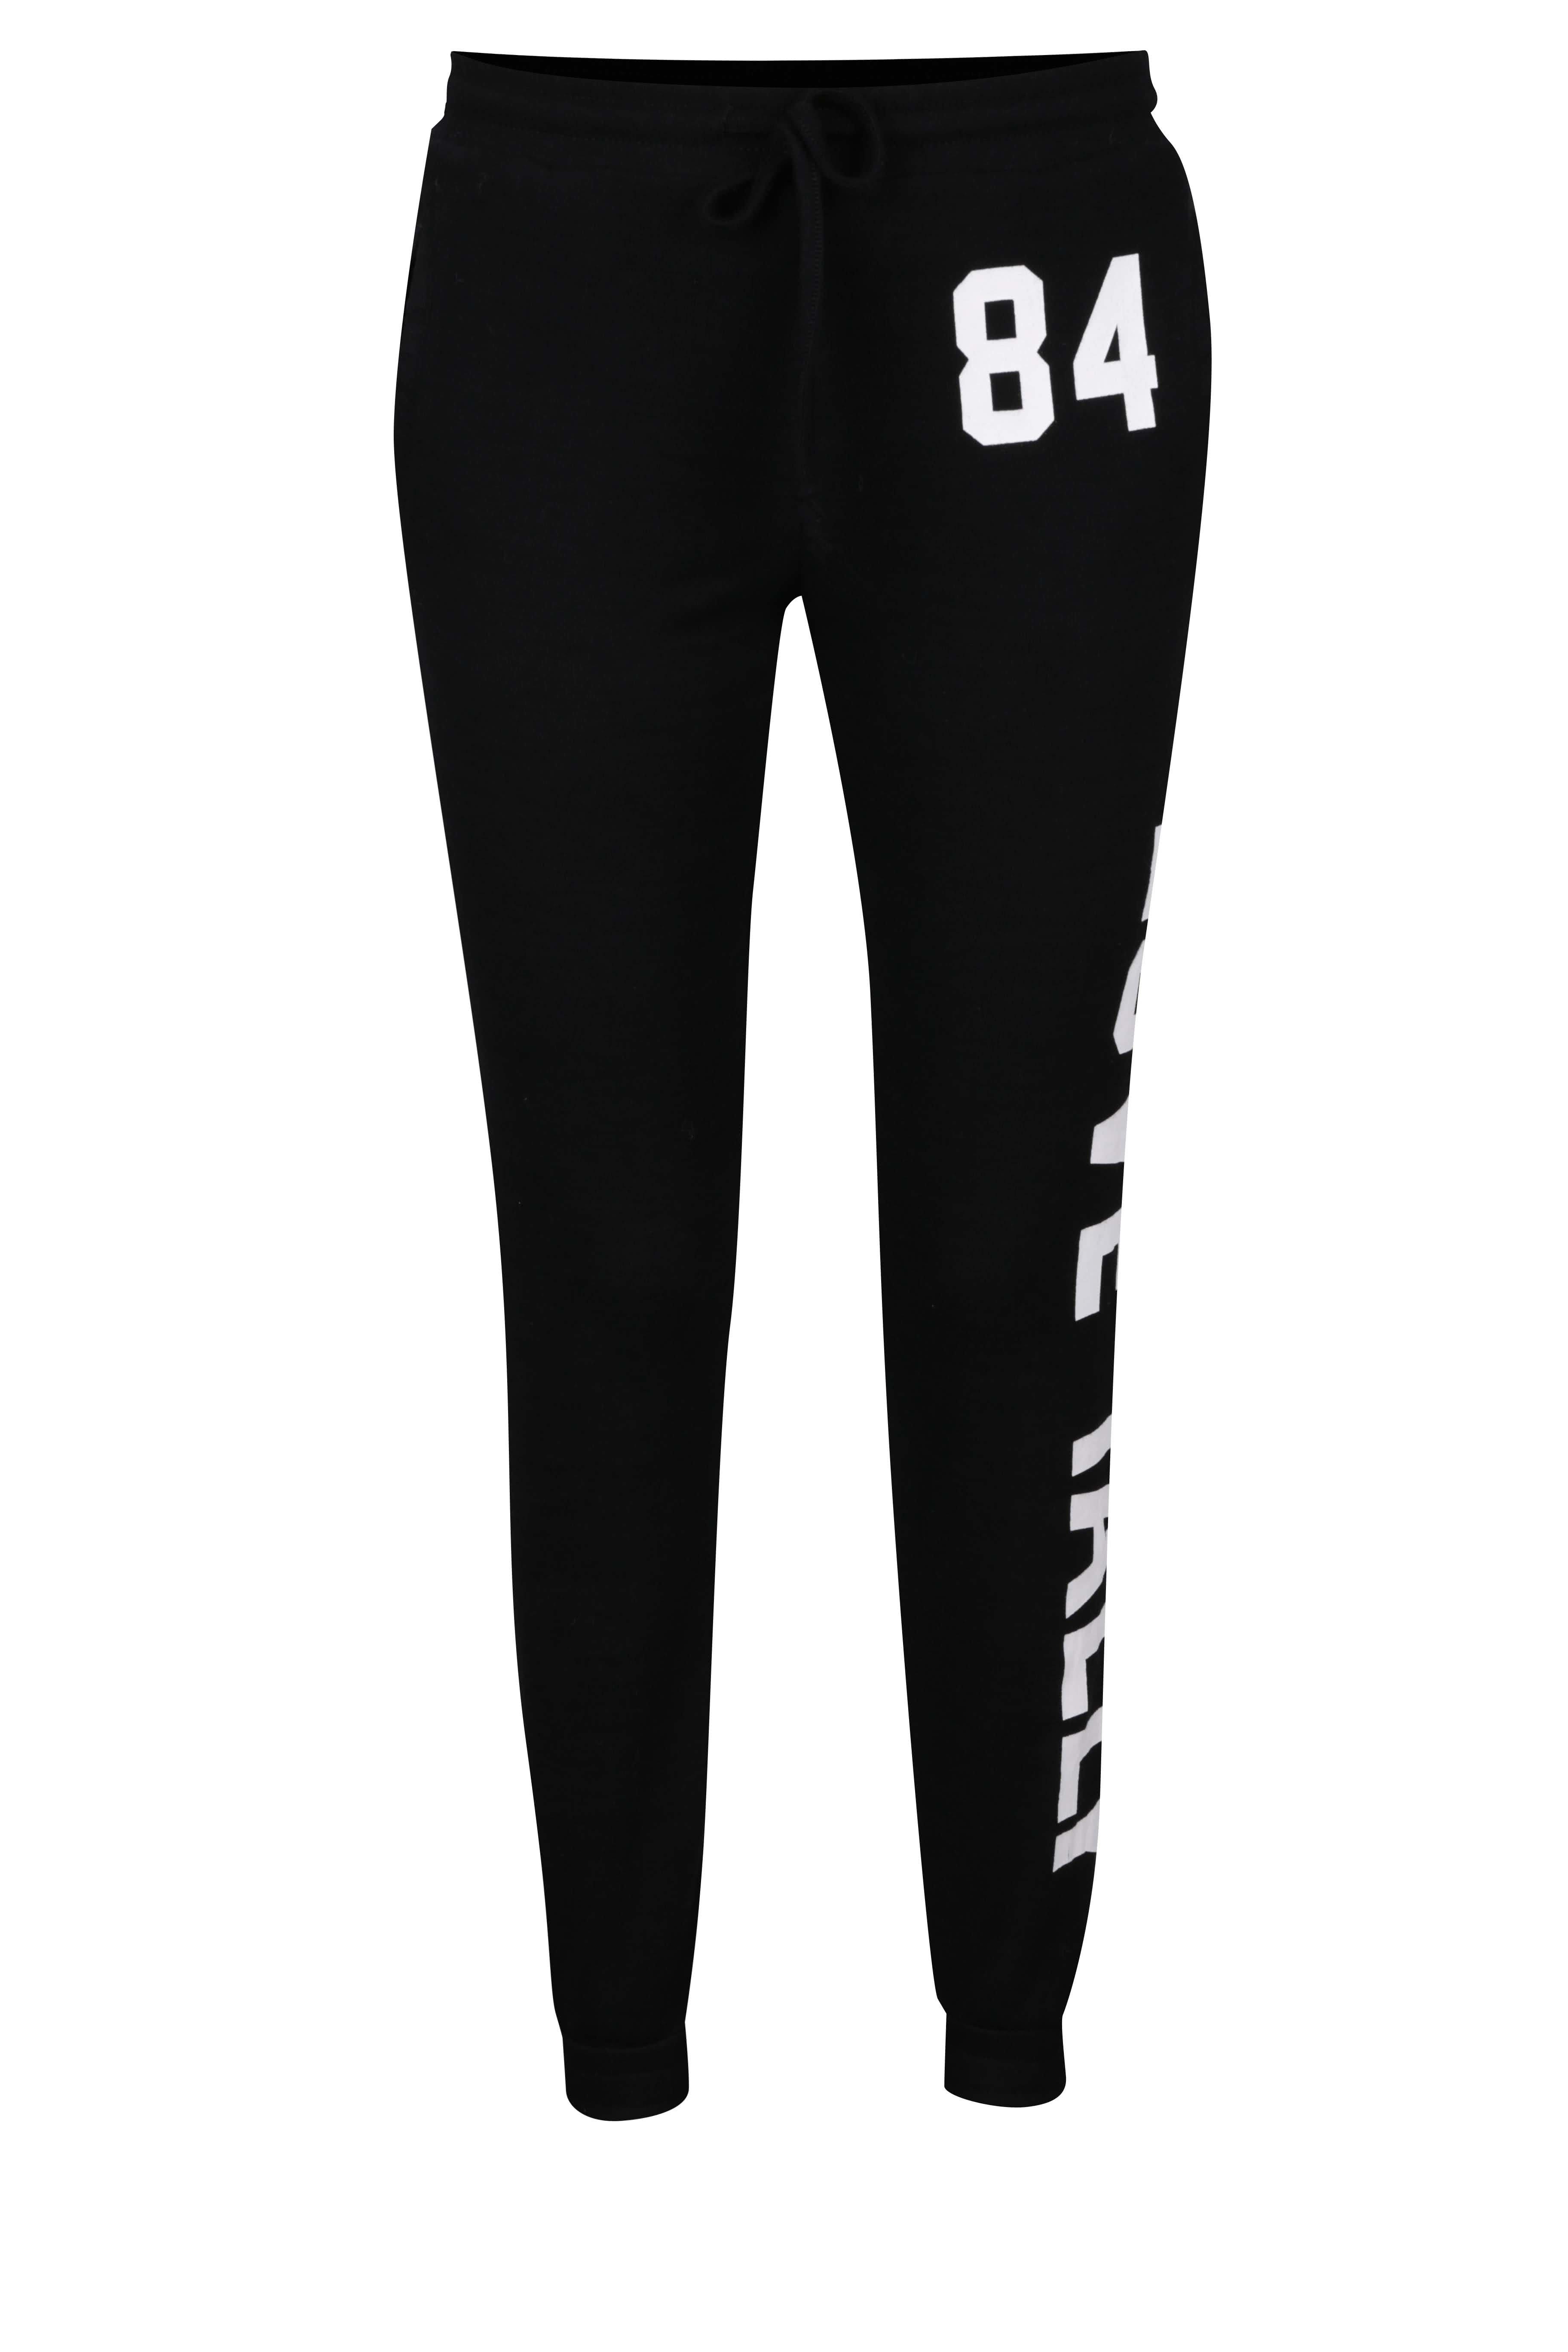 a874b810430 Černé tepláky s potiskem TALLY WEiJL ŽENY   Kalhoty